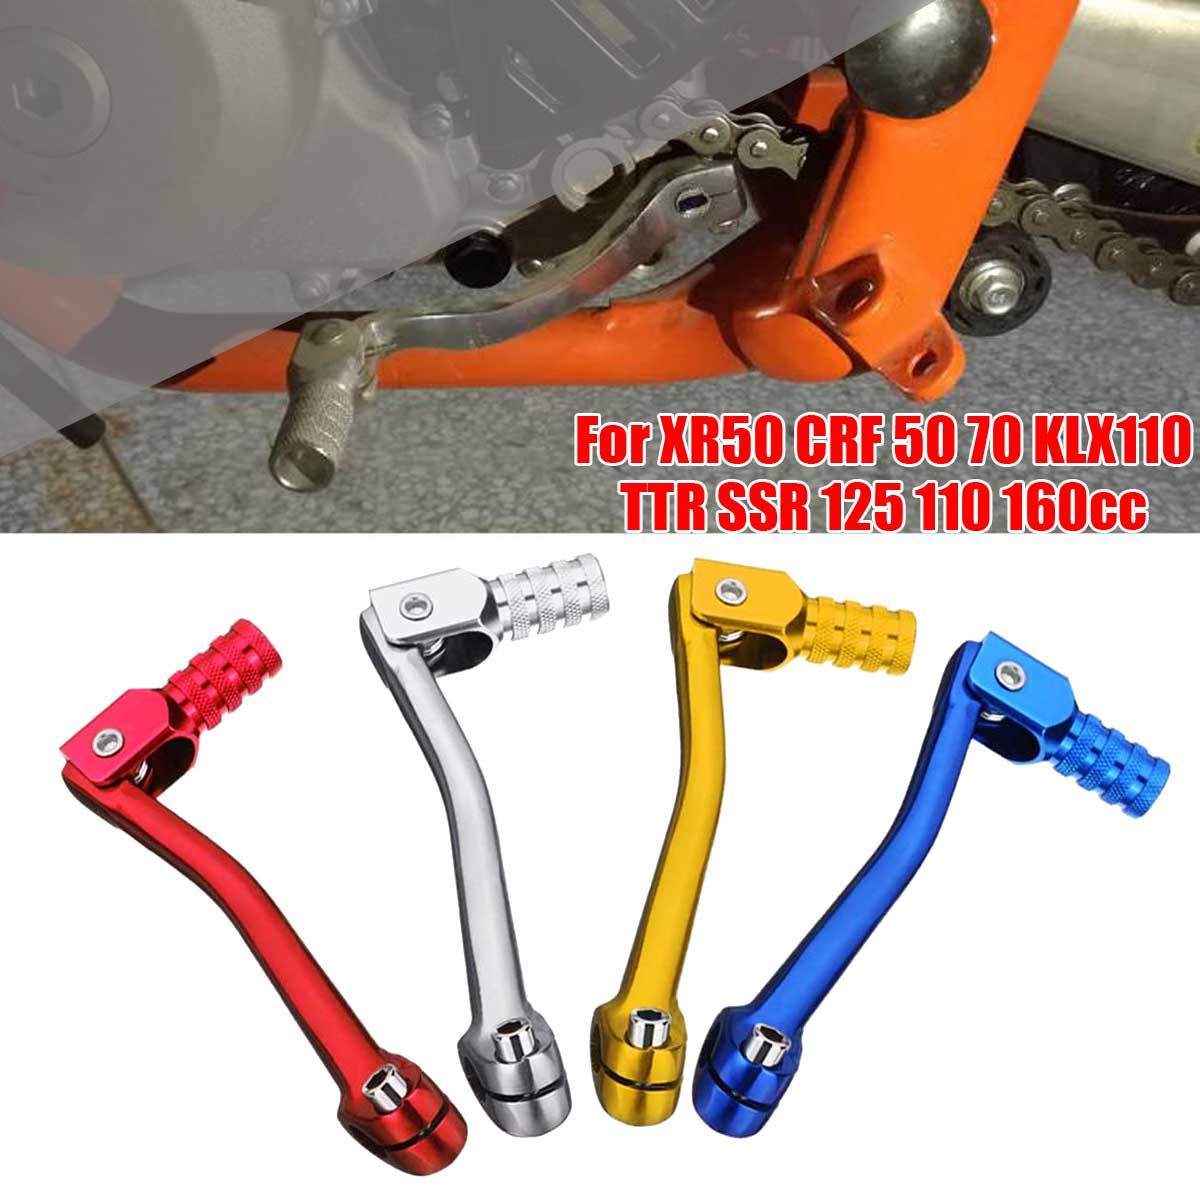 Motorcycle CNC Aluminum Folding Gear Shifter Lever For XR50 CRF 50 70 KLX110 TTR SSR 125 110 160cc Dirt Bike Motocross